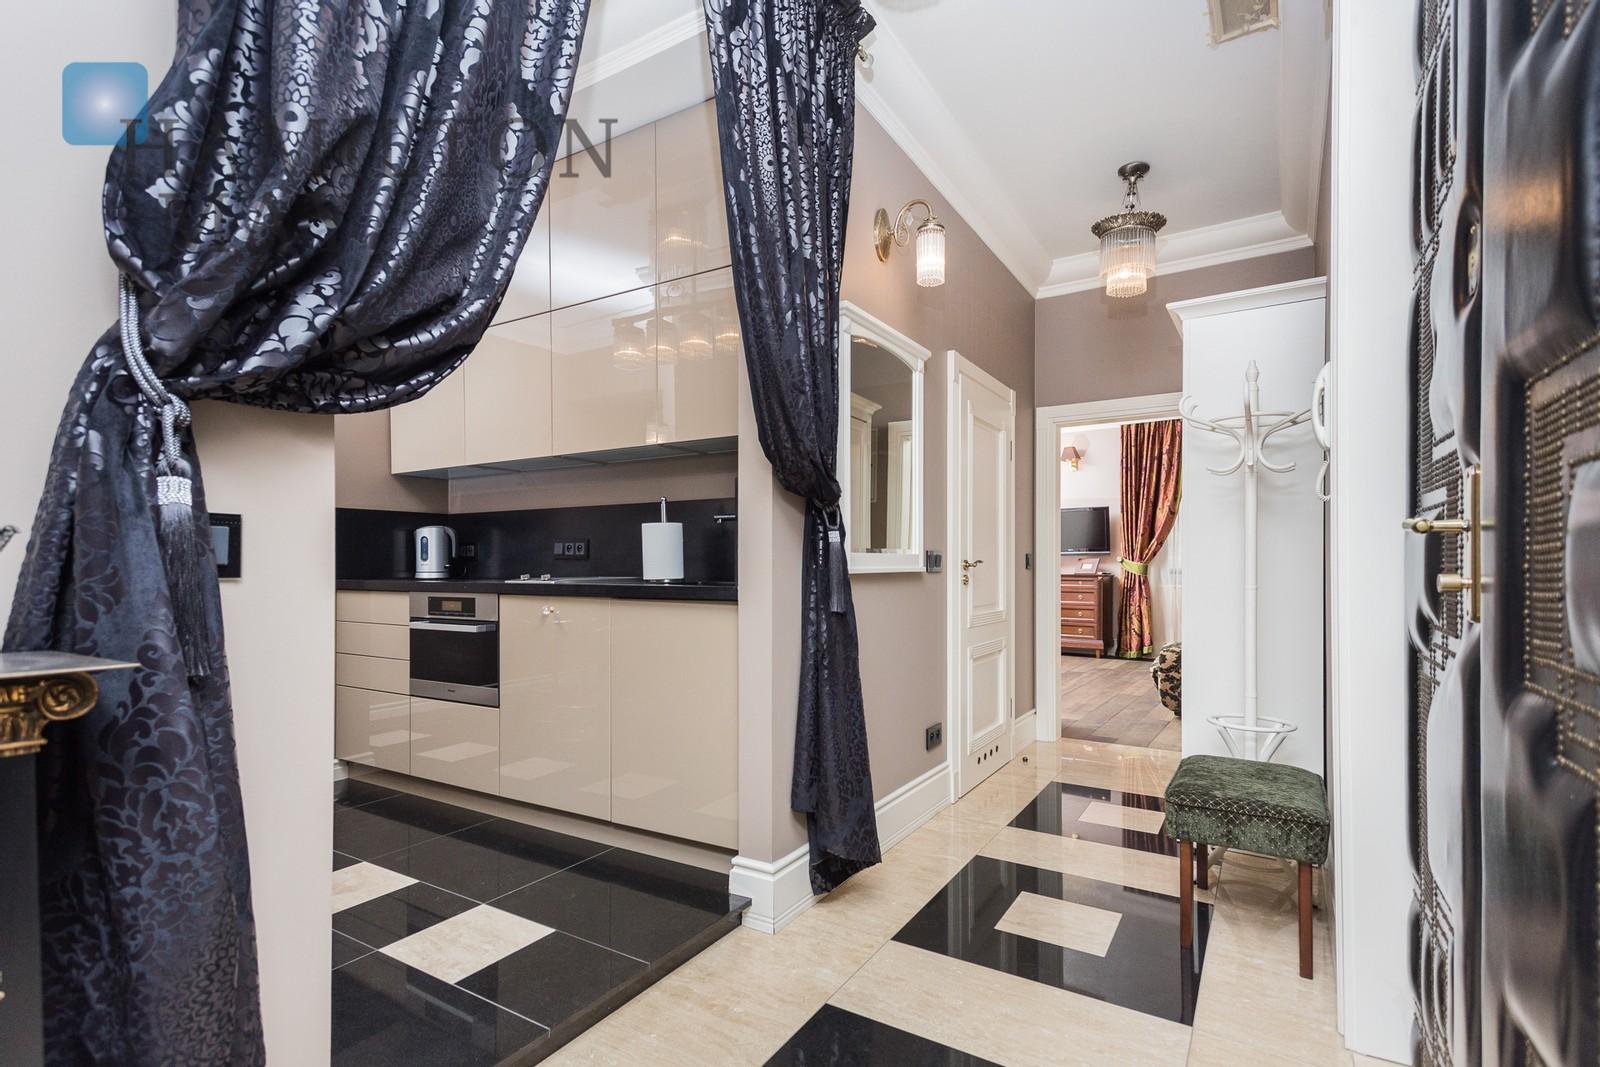 Na wynajem wyjątkowy apartament o powierzchni 88 mkw  z widokiem na Plac Dominikański Kraków na wynajem